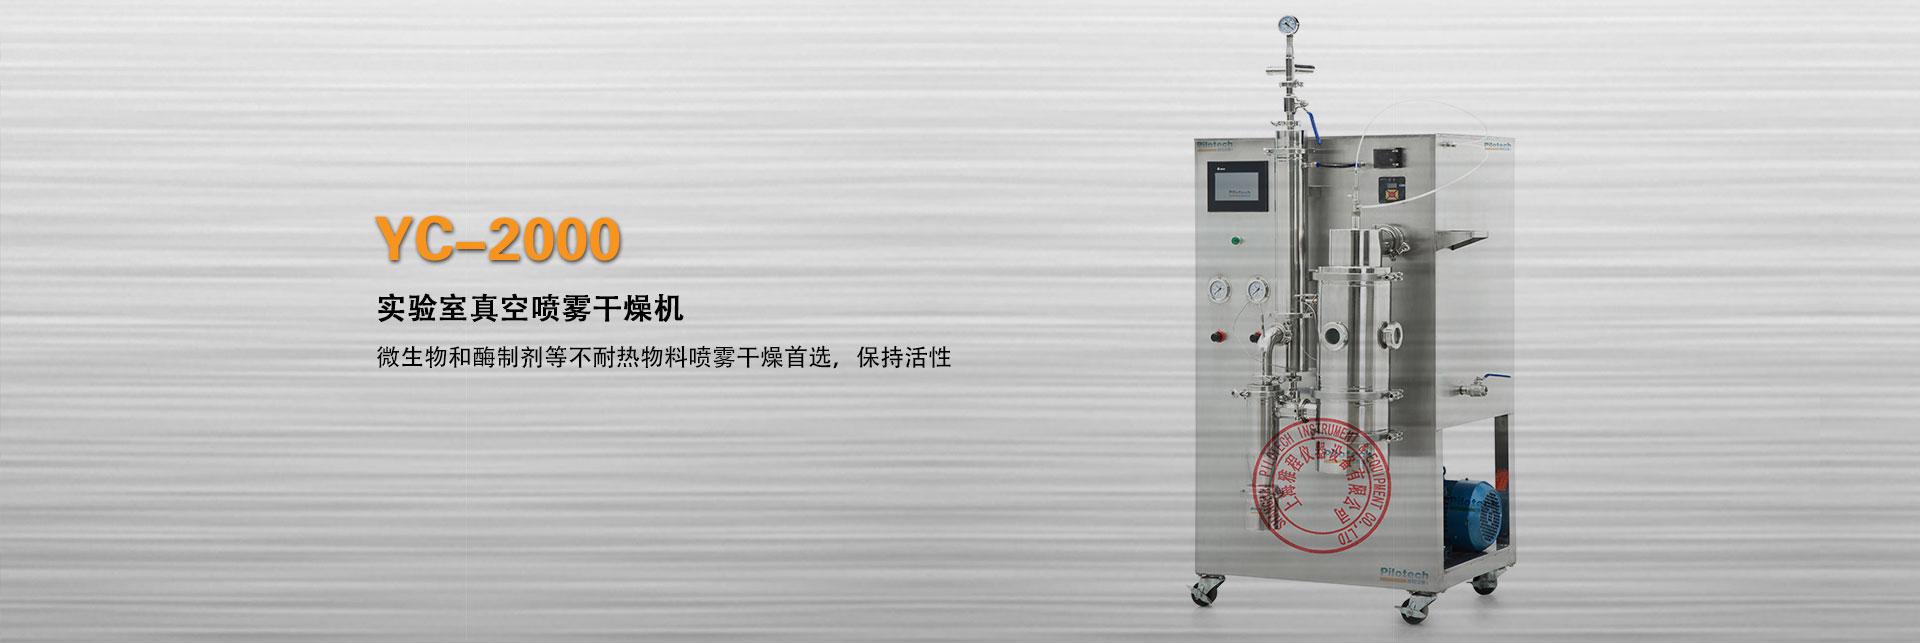 上海雅程实验室真空喷雾干燥机